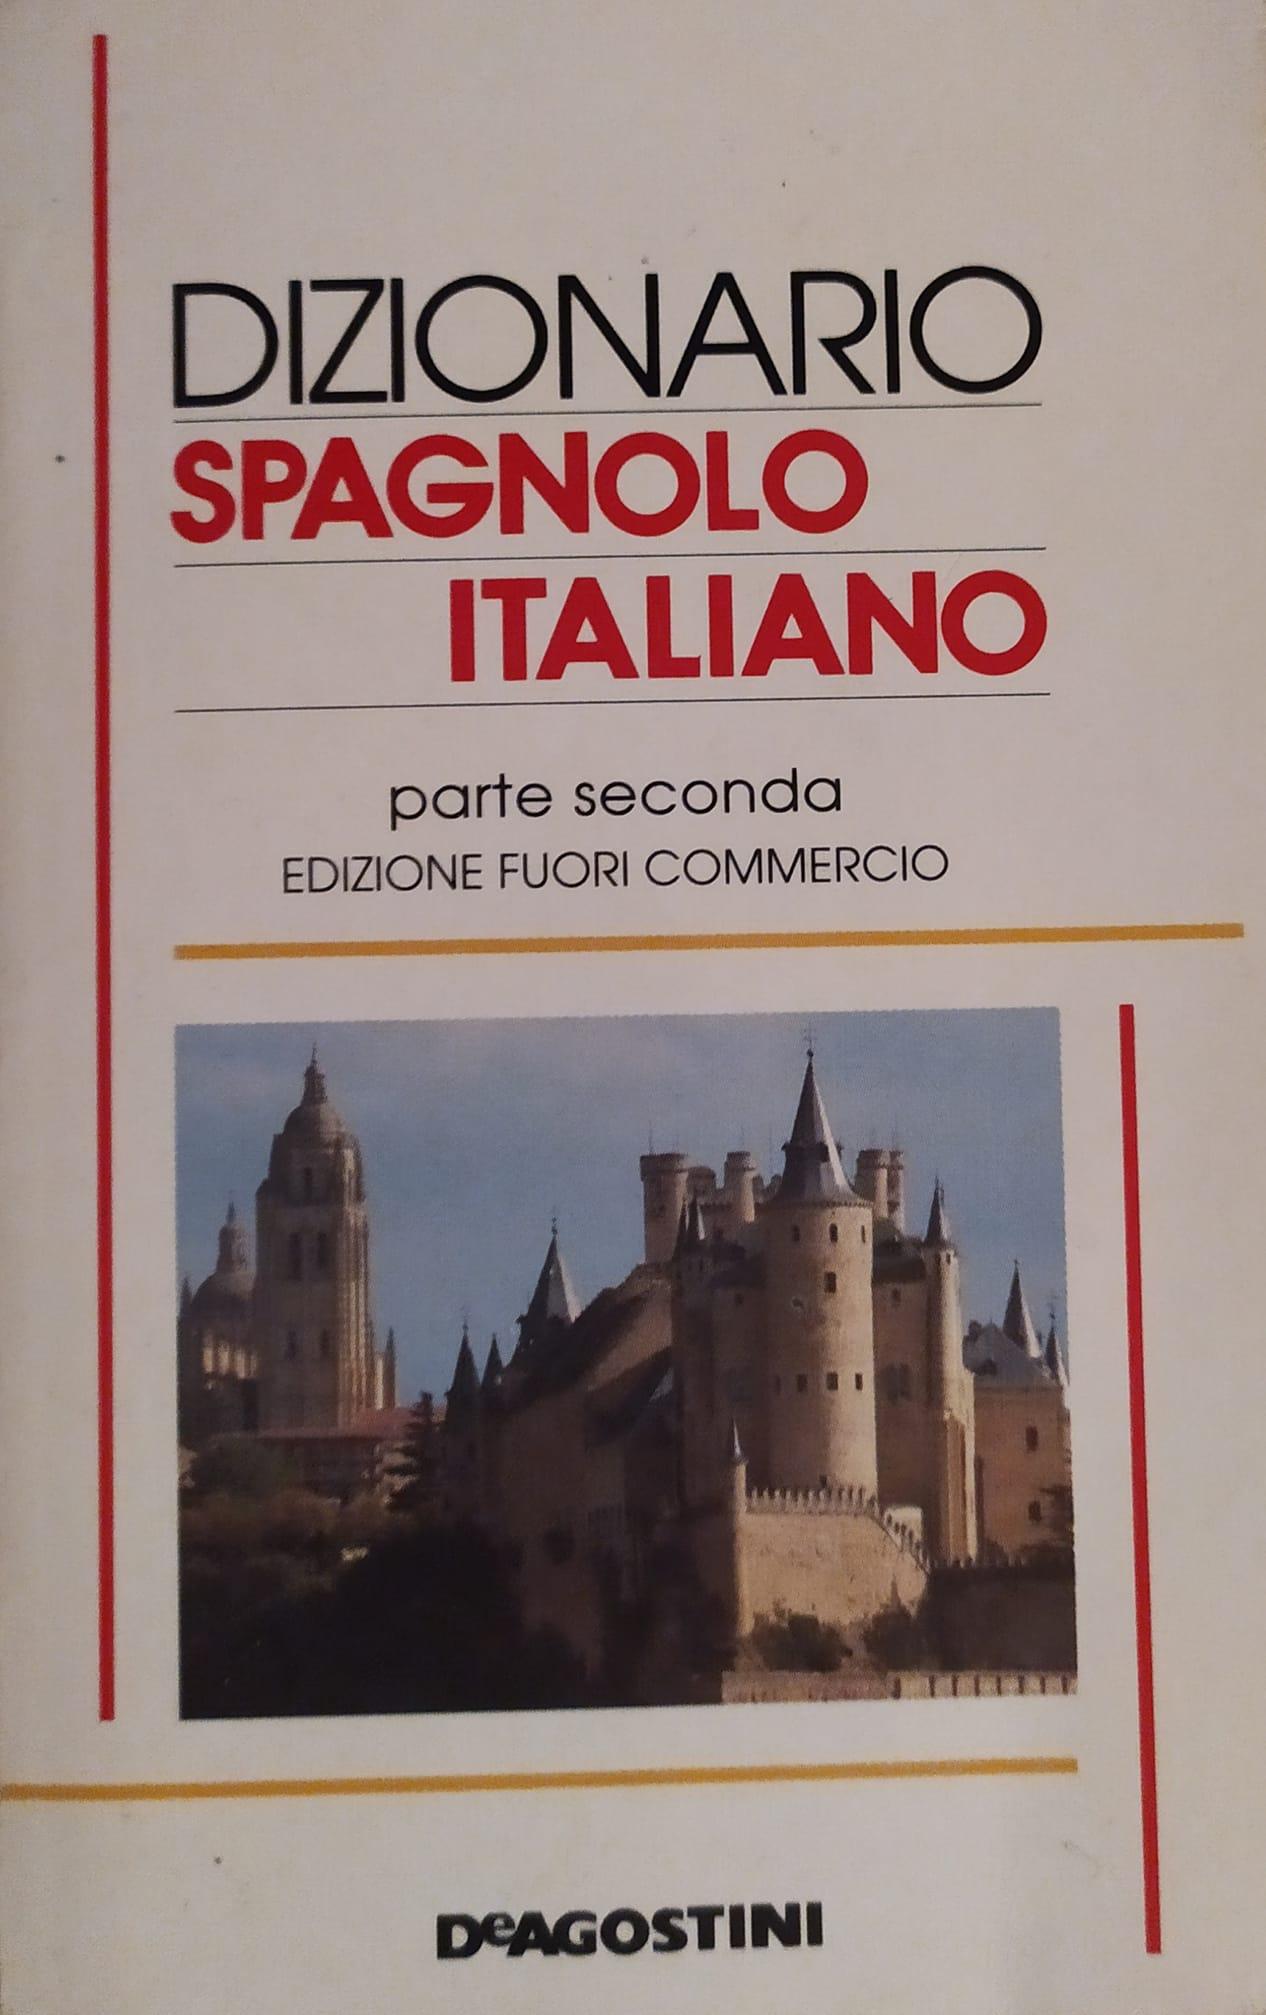 Dizionario spagnolo italiano